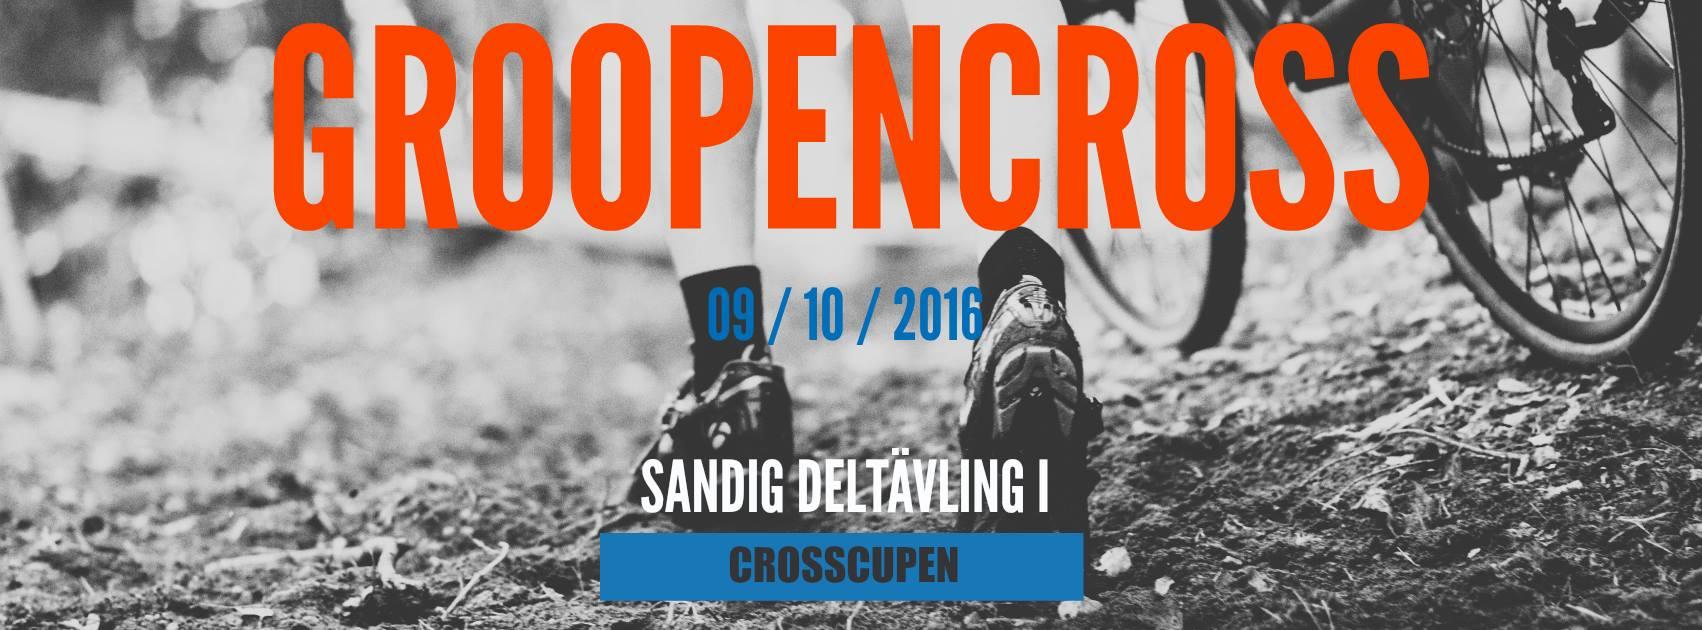 groopencrossen-2016